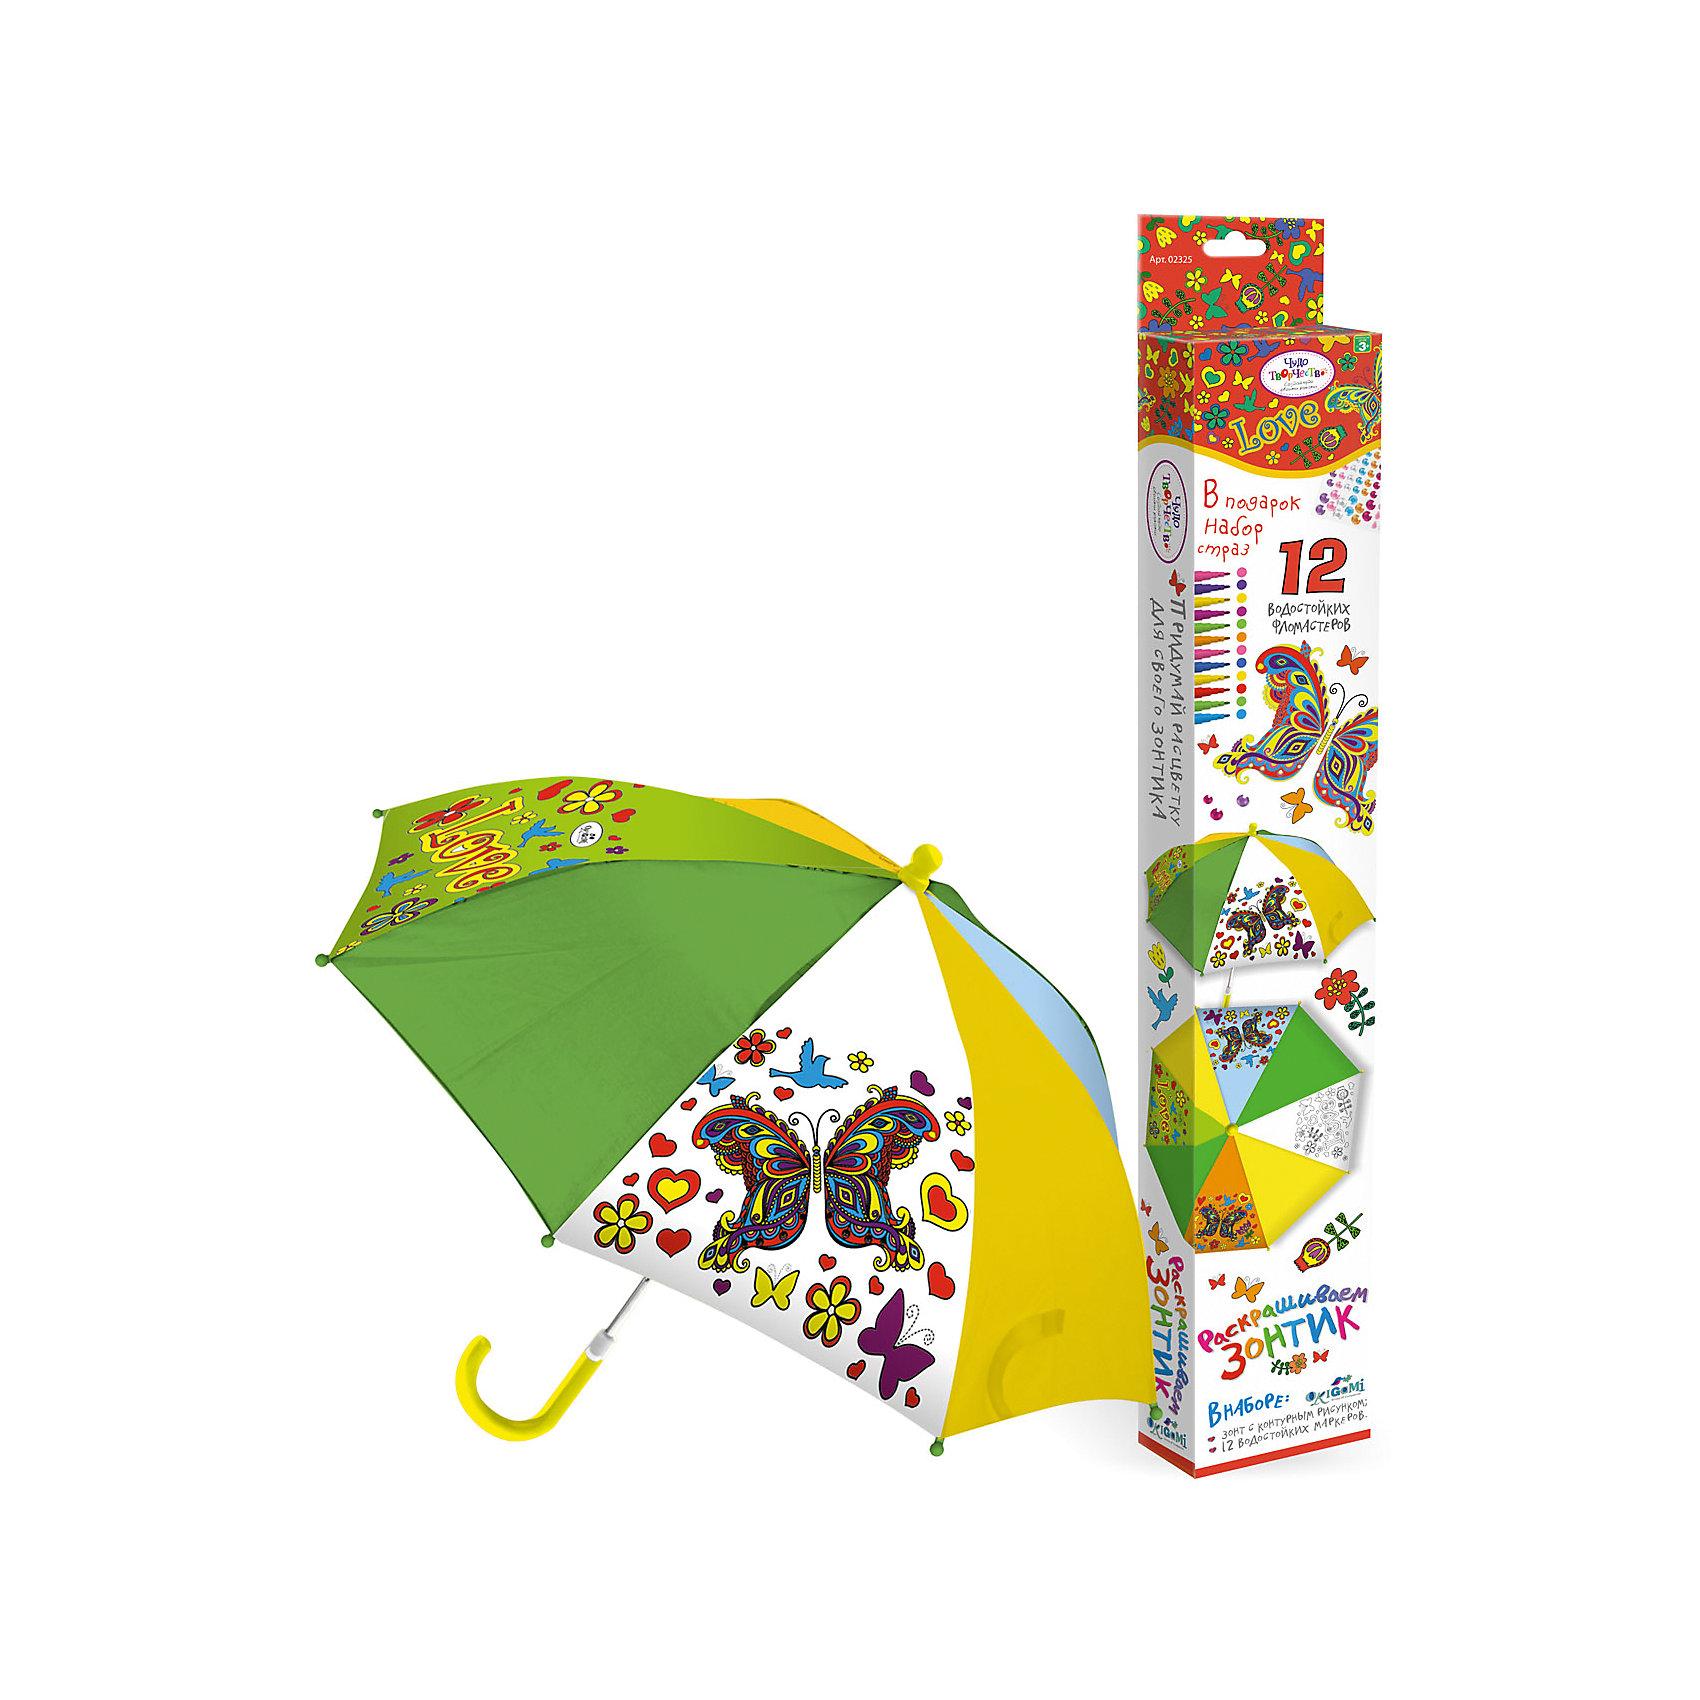 Зонтик для раскрашивания ЦветыЗонтик для раскрашивания Цветы от марки Origami<br><br>Замечательный подарок для девочки - зонтик с изображением цветов. Это яркий красивый аксессуар и платформа для творчества. Ребенок может сам выбирать цвета и раскрашивать изображения с помощью водостойких маркеров. В процессе развивается фантазия, улучшается мелкую моторику рук и координация движений.<br>Чтобы рисунок сохранялся долго и не растекался, ткань зонтика пропитана специальным составом. Нужно лишь подождать пару часов после раскрашивания - и зонтом можно пользоваться! Набор сделан из безопасных для ребенка материалов.<br><br>Особенности изделия:<br><br>диаметр - 67 см;<br>длина ручки - 56 см;<br>цвет - разноцветный;<br>механизм раскрытия  - не автоматический;<br>упаковка - картонная коробка;<br>вес - 314 гр;<br>размер упаковки - 65х10х5 см;<br>стойкие маркеры;<br>специальная пропитка ткани на зонте.<br><br>Комплектация: <br><br>зонт с контурным рисунком;<br>12 водостойких маркеров.<br><br>Зонтик для раскрашивания Цветы от марки Origami можно купить в нашем магазине.<br><br>Ширина мм: 50<br>Глубина мм: 650<br>Высота мм: 100<br>Вес г: 314<br>Возраст от месяцев: 48<br>Возраст до месяцев: 144<br>Пол: Женский<br>Возраст: Детский<br>SKU: 4658540